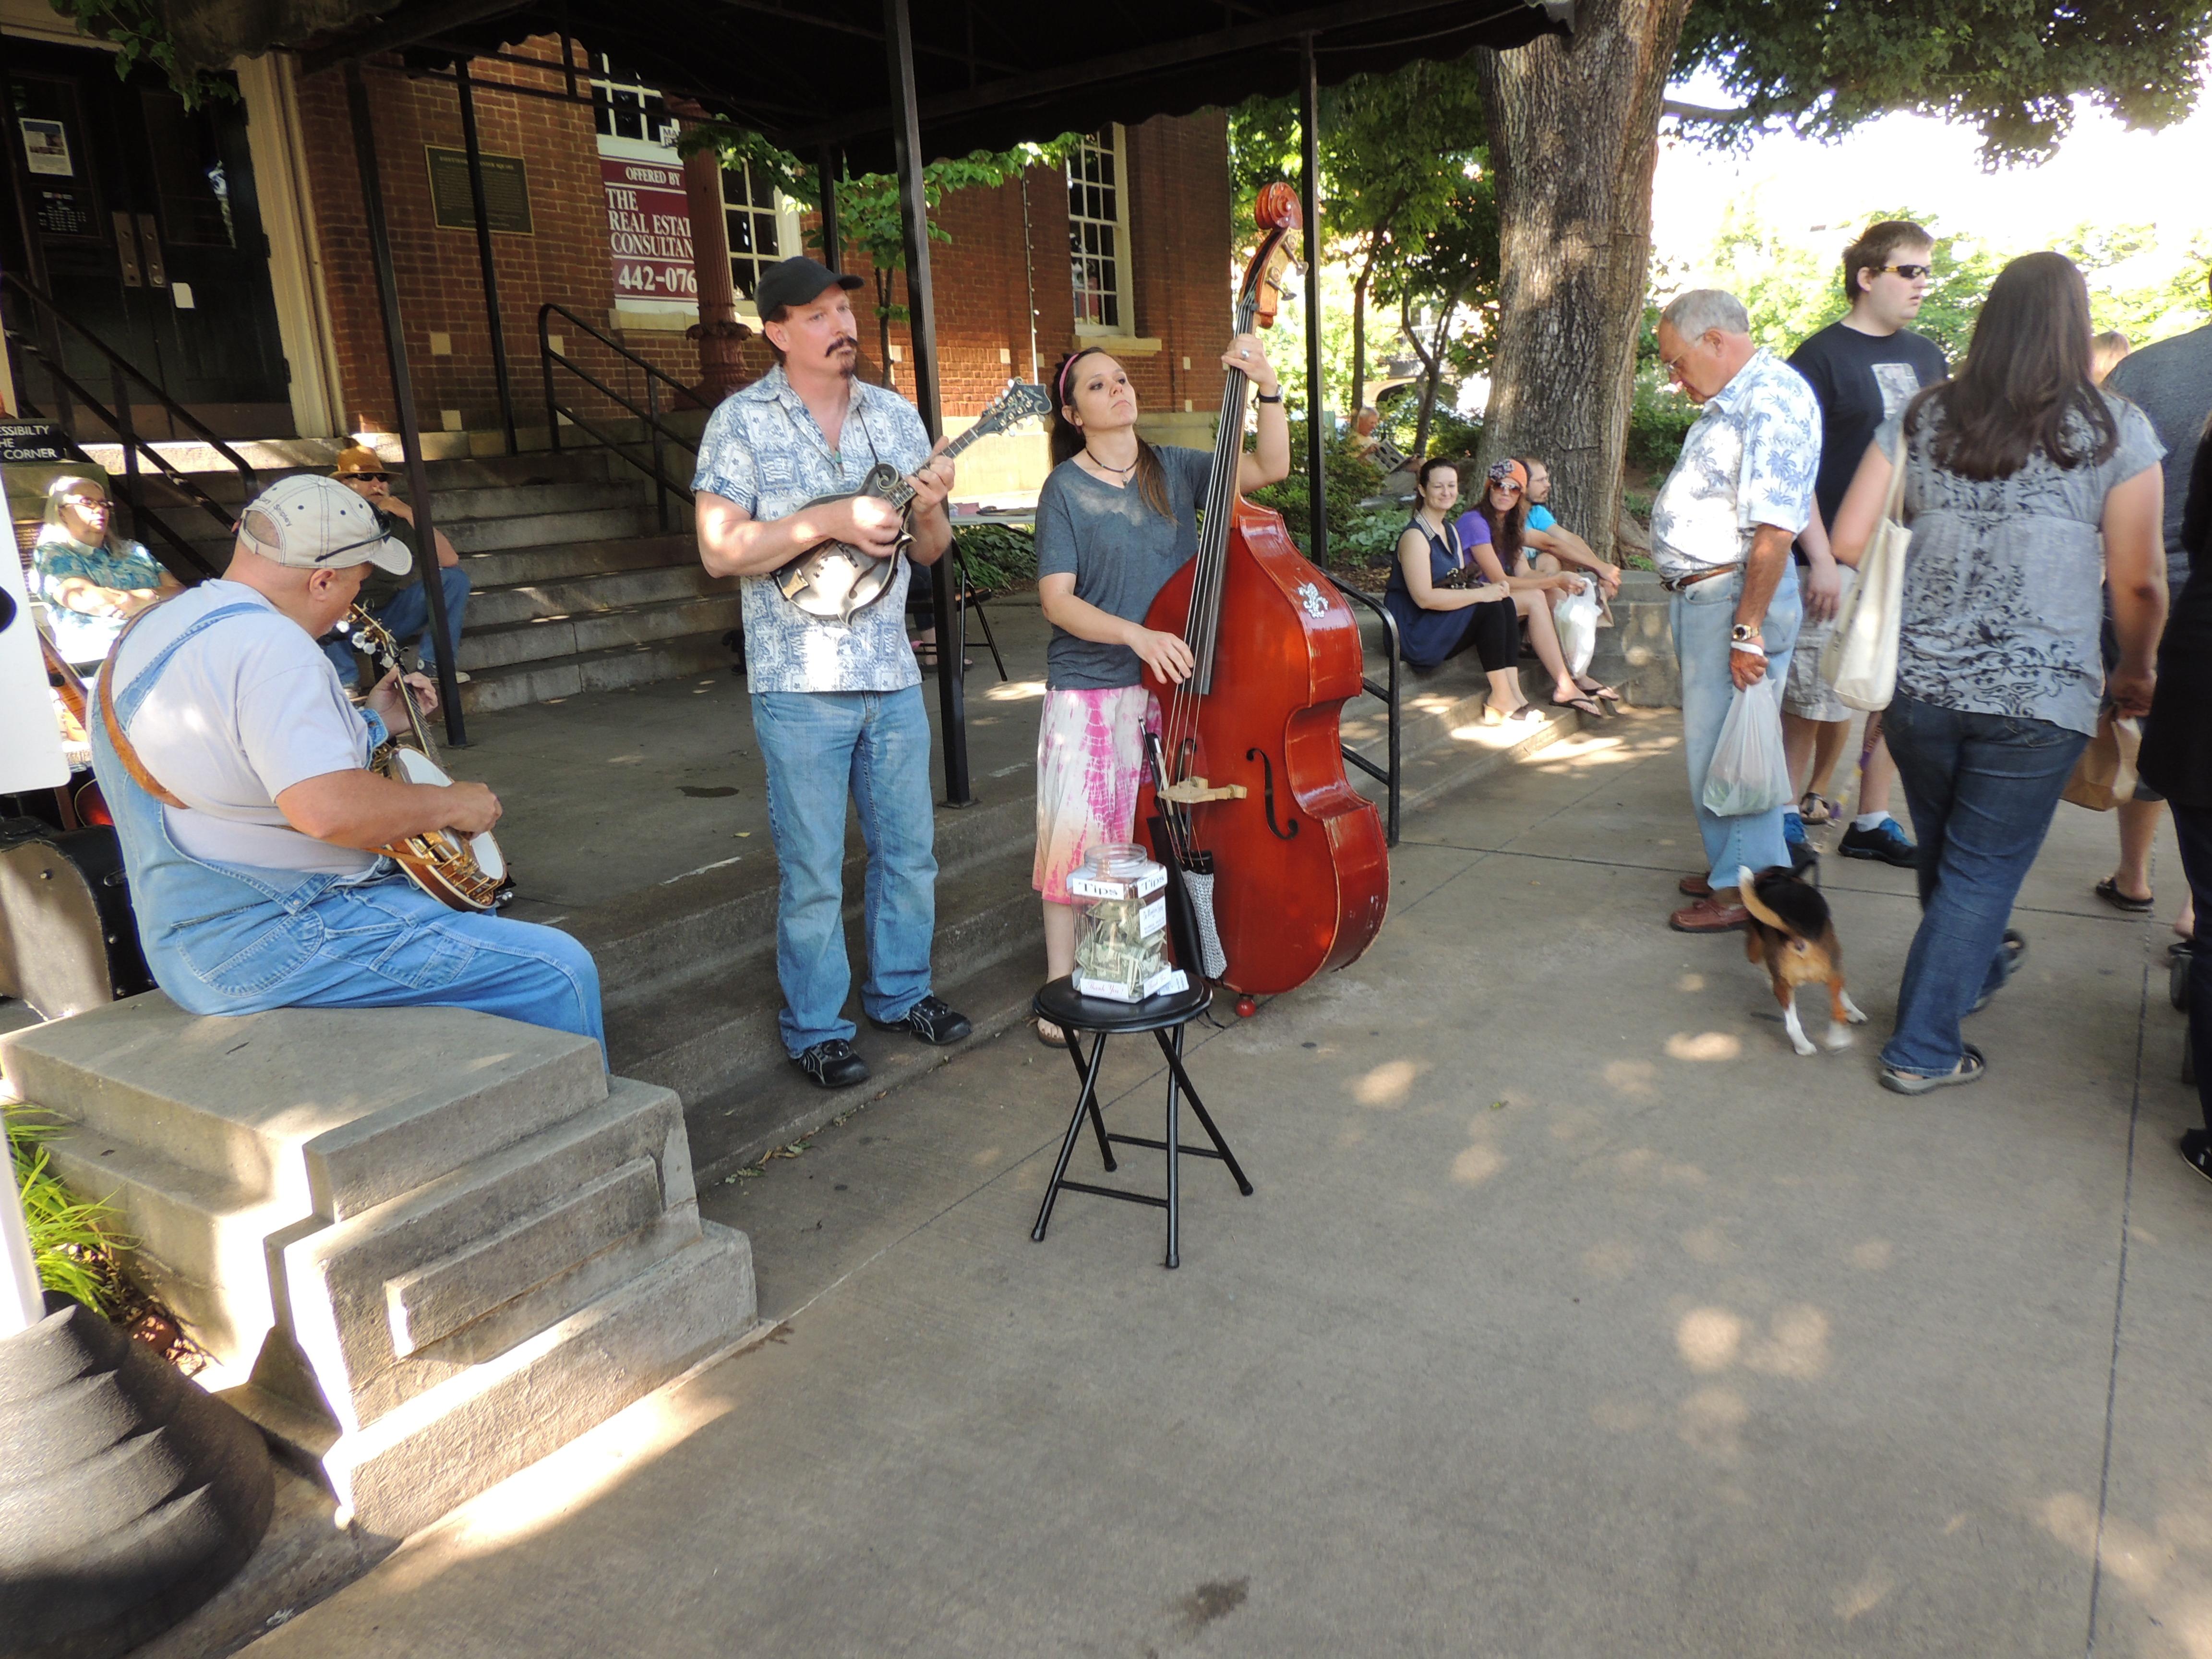 Fayetteville Famers' Market 4